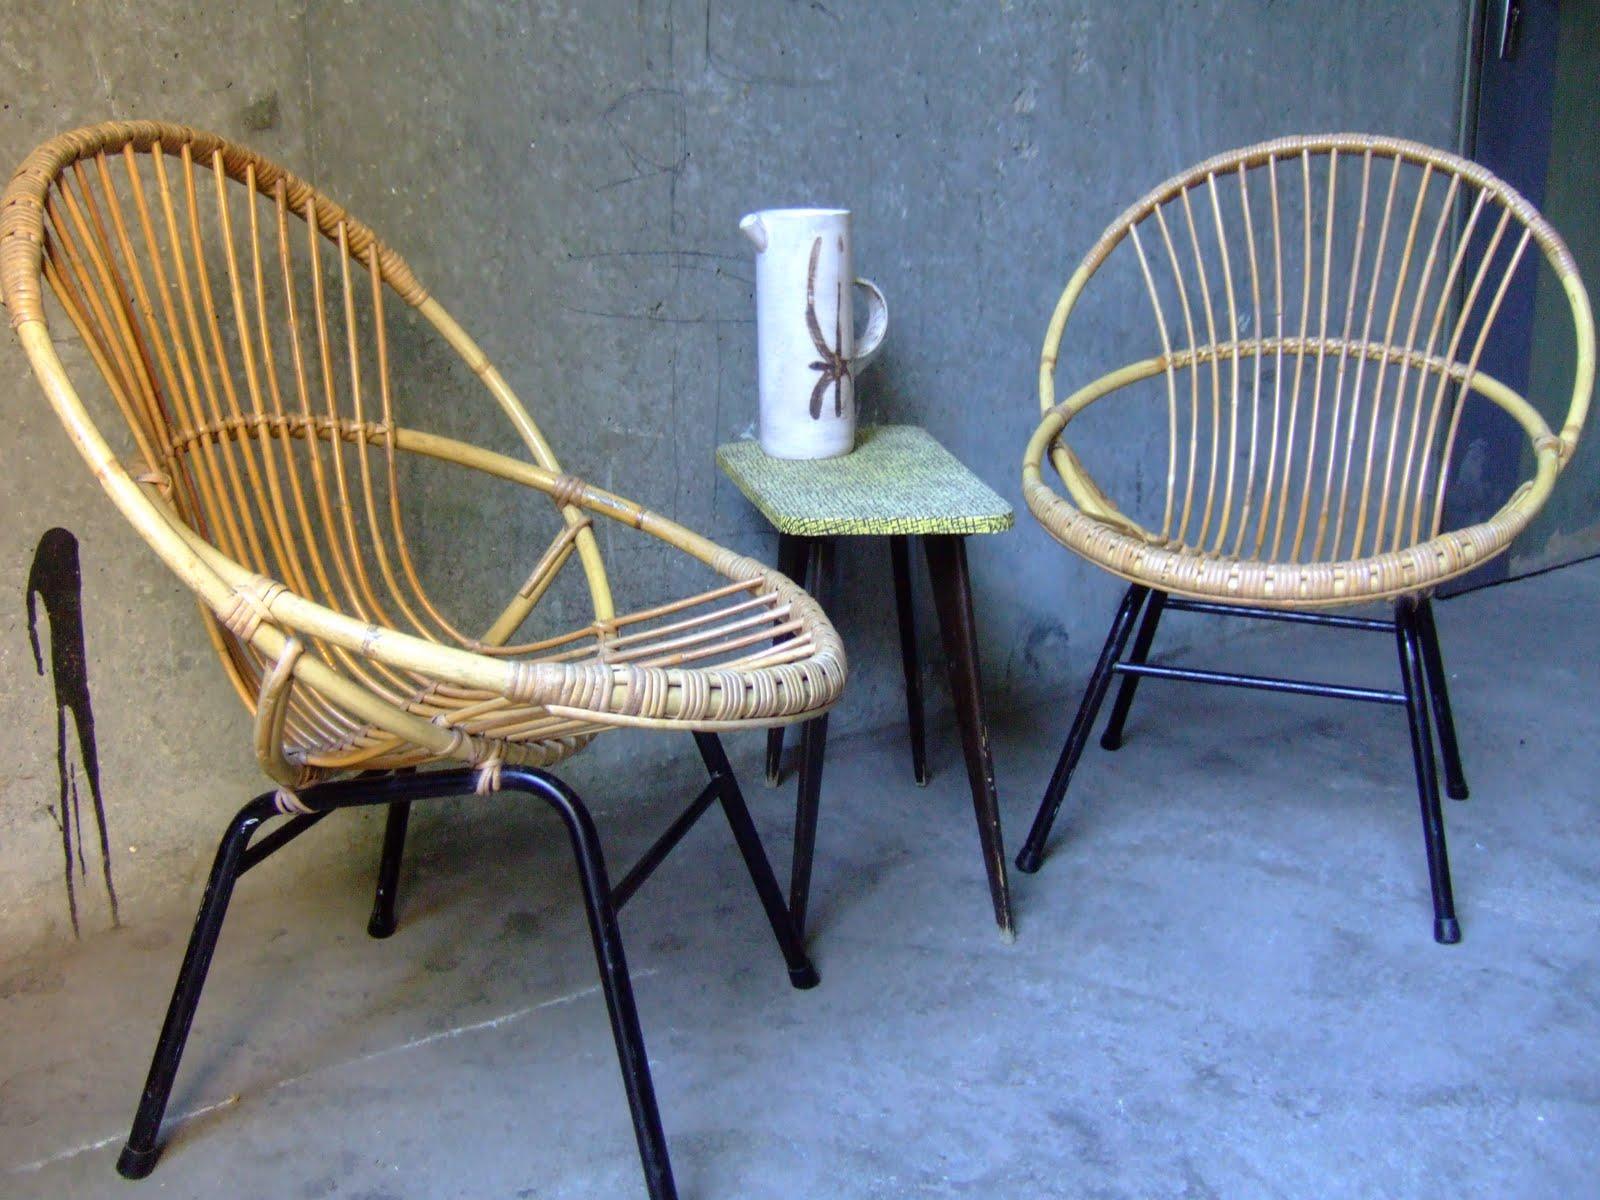 Vintage bazar paire de fauteuils en rotin ann es 60 - Fauteuil rotin metal ...